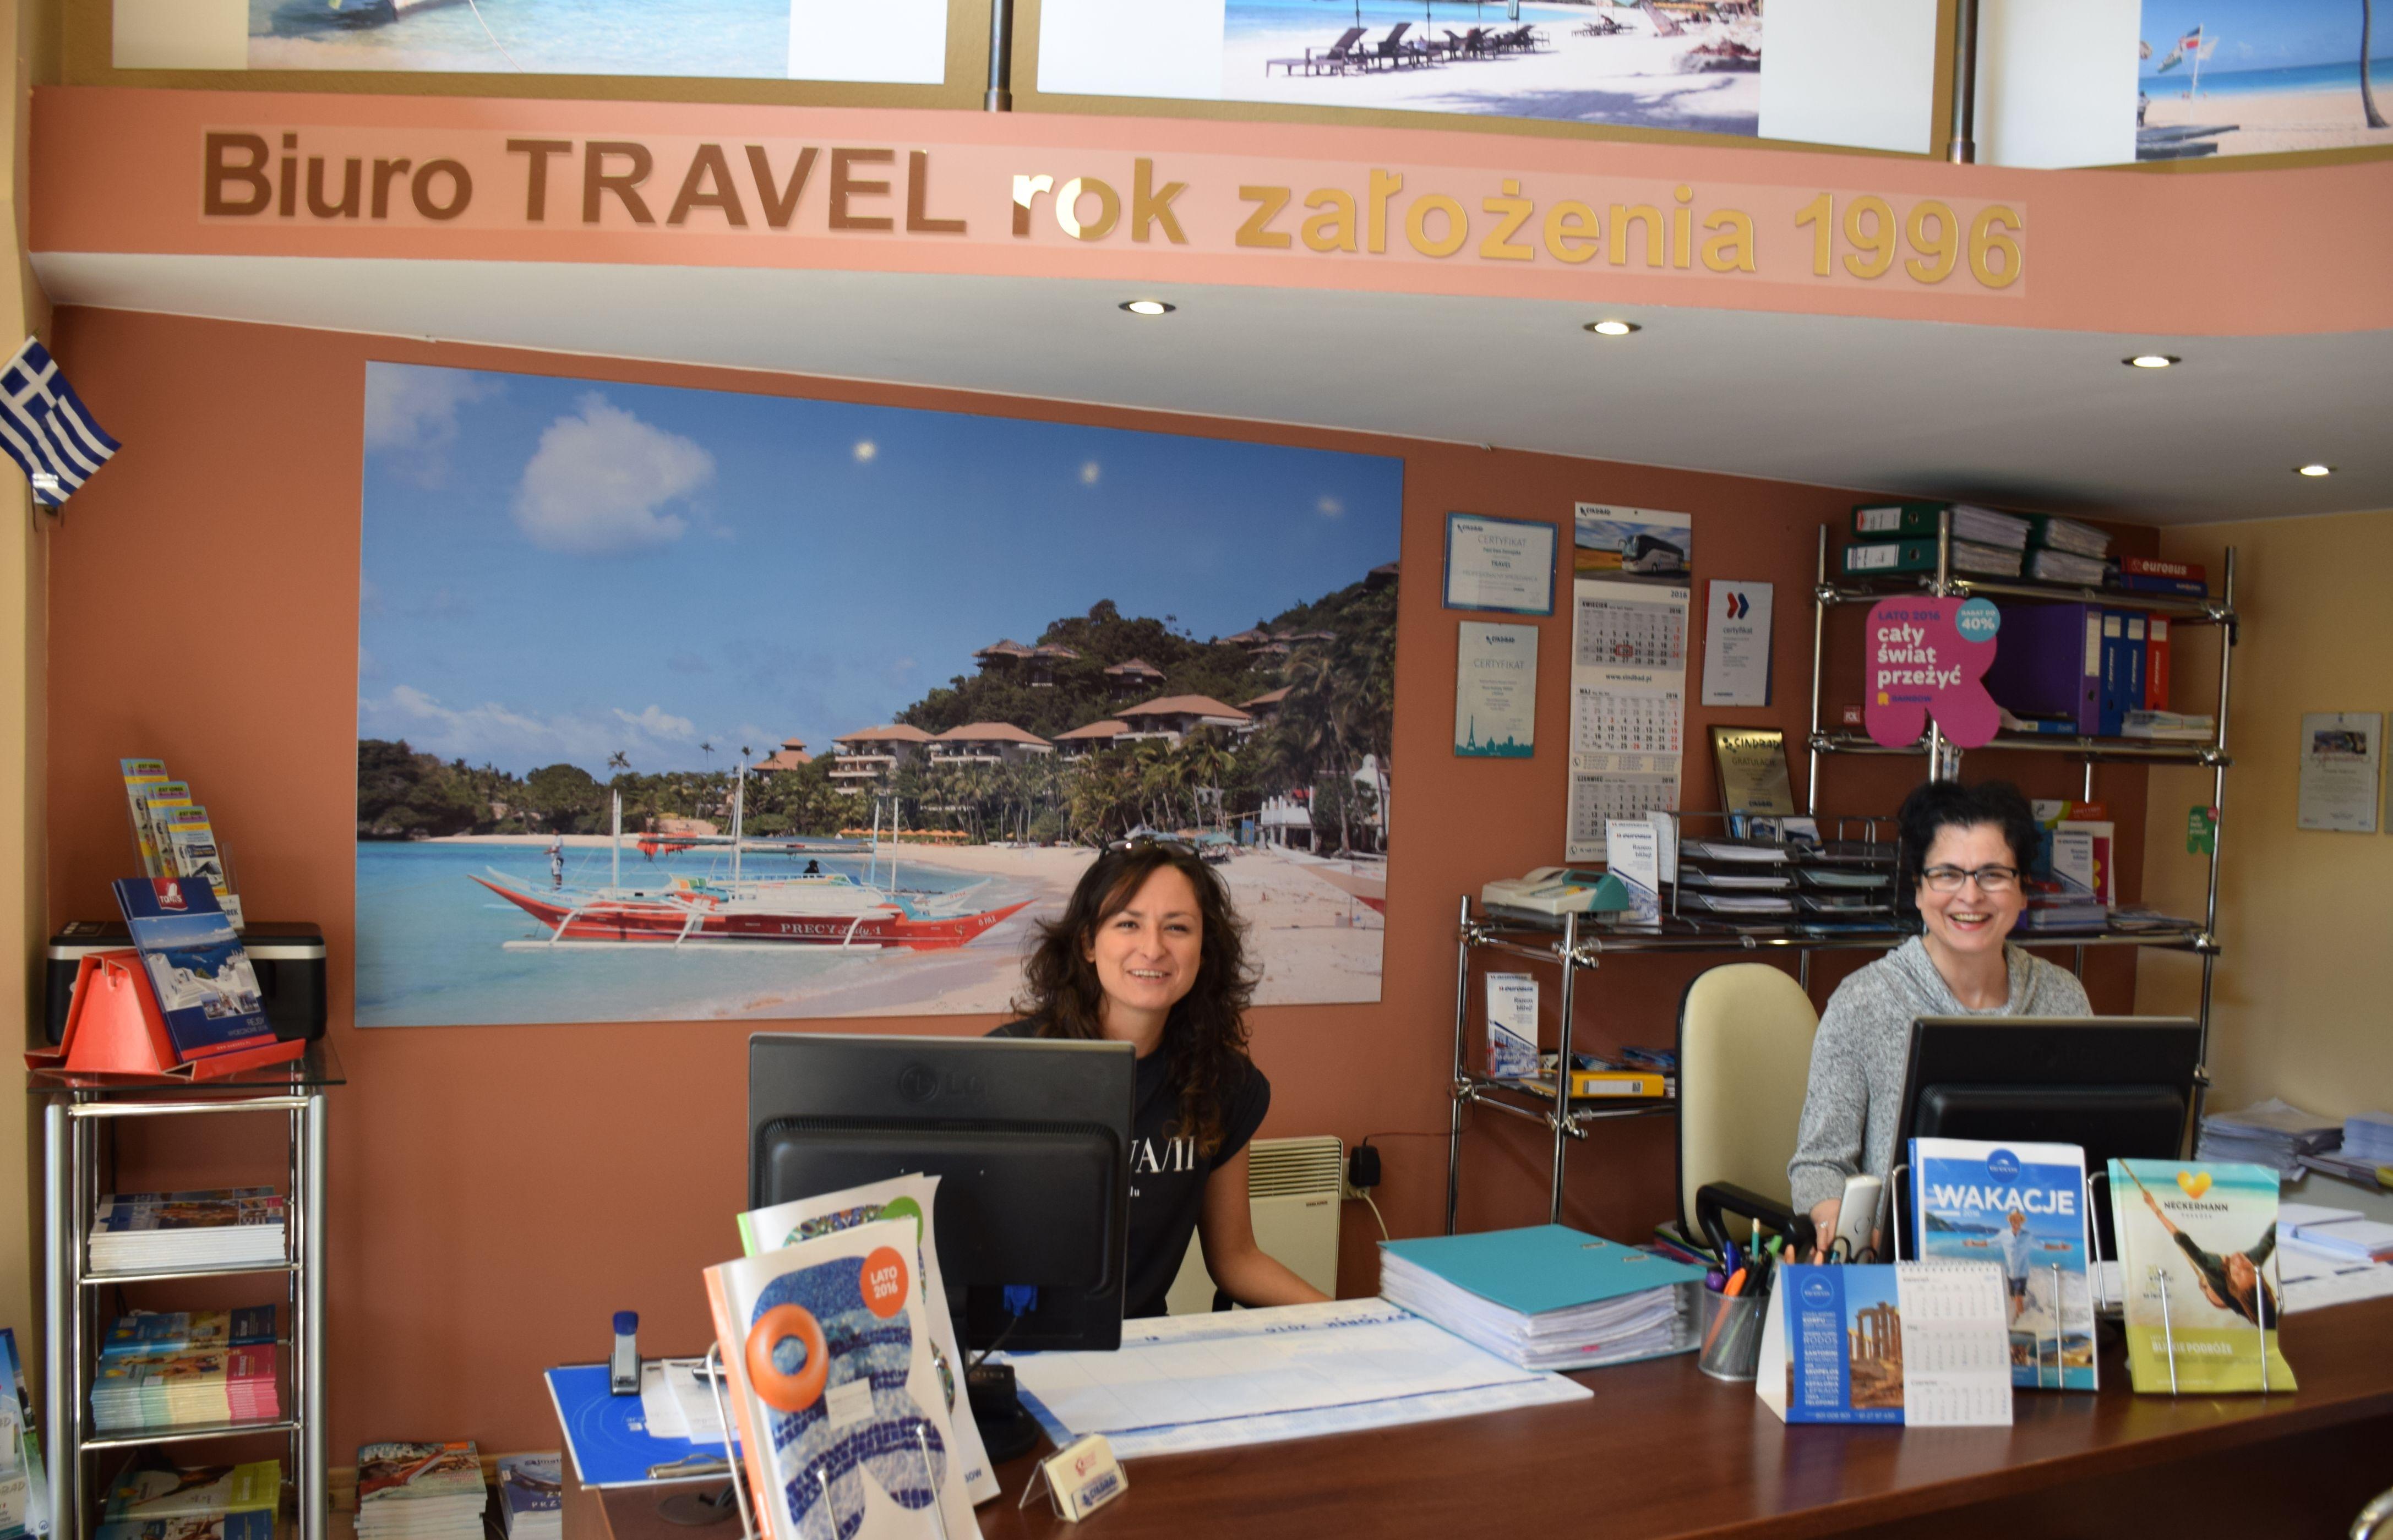 Biuro Podróży Travel